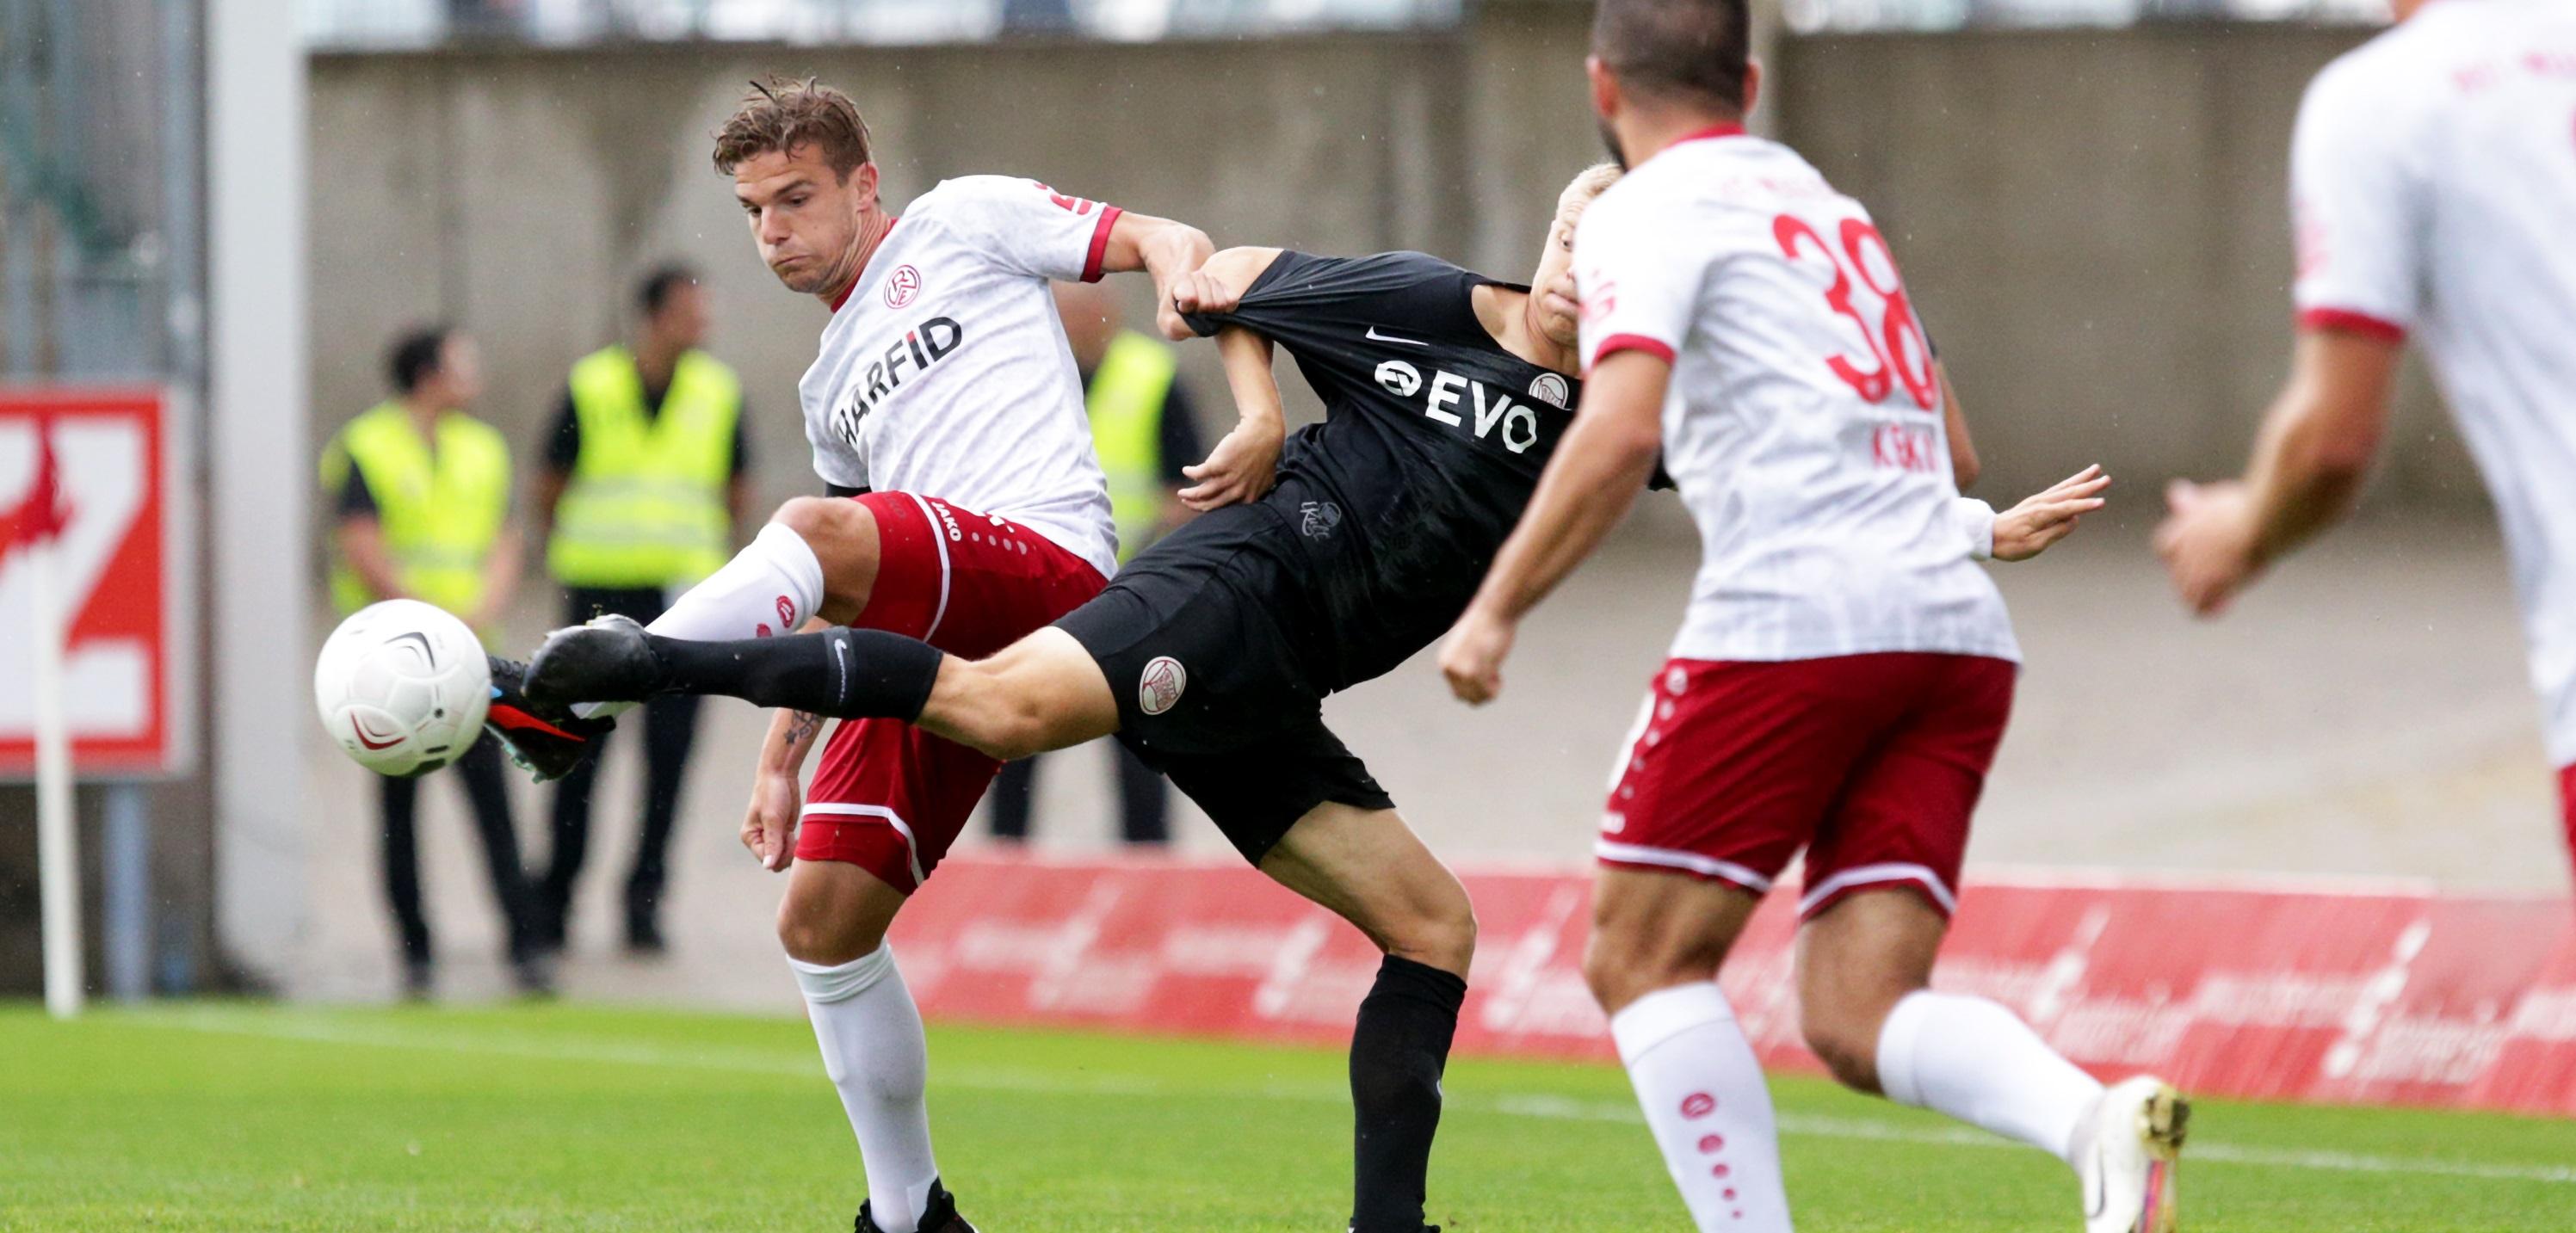 RWE und OFC trennen sich im Stadion Essen mit 2:2. (Foto: Endberg)